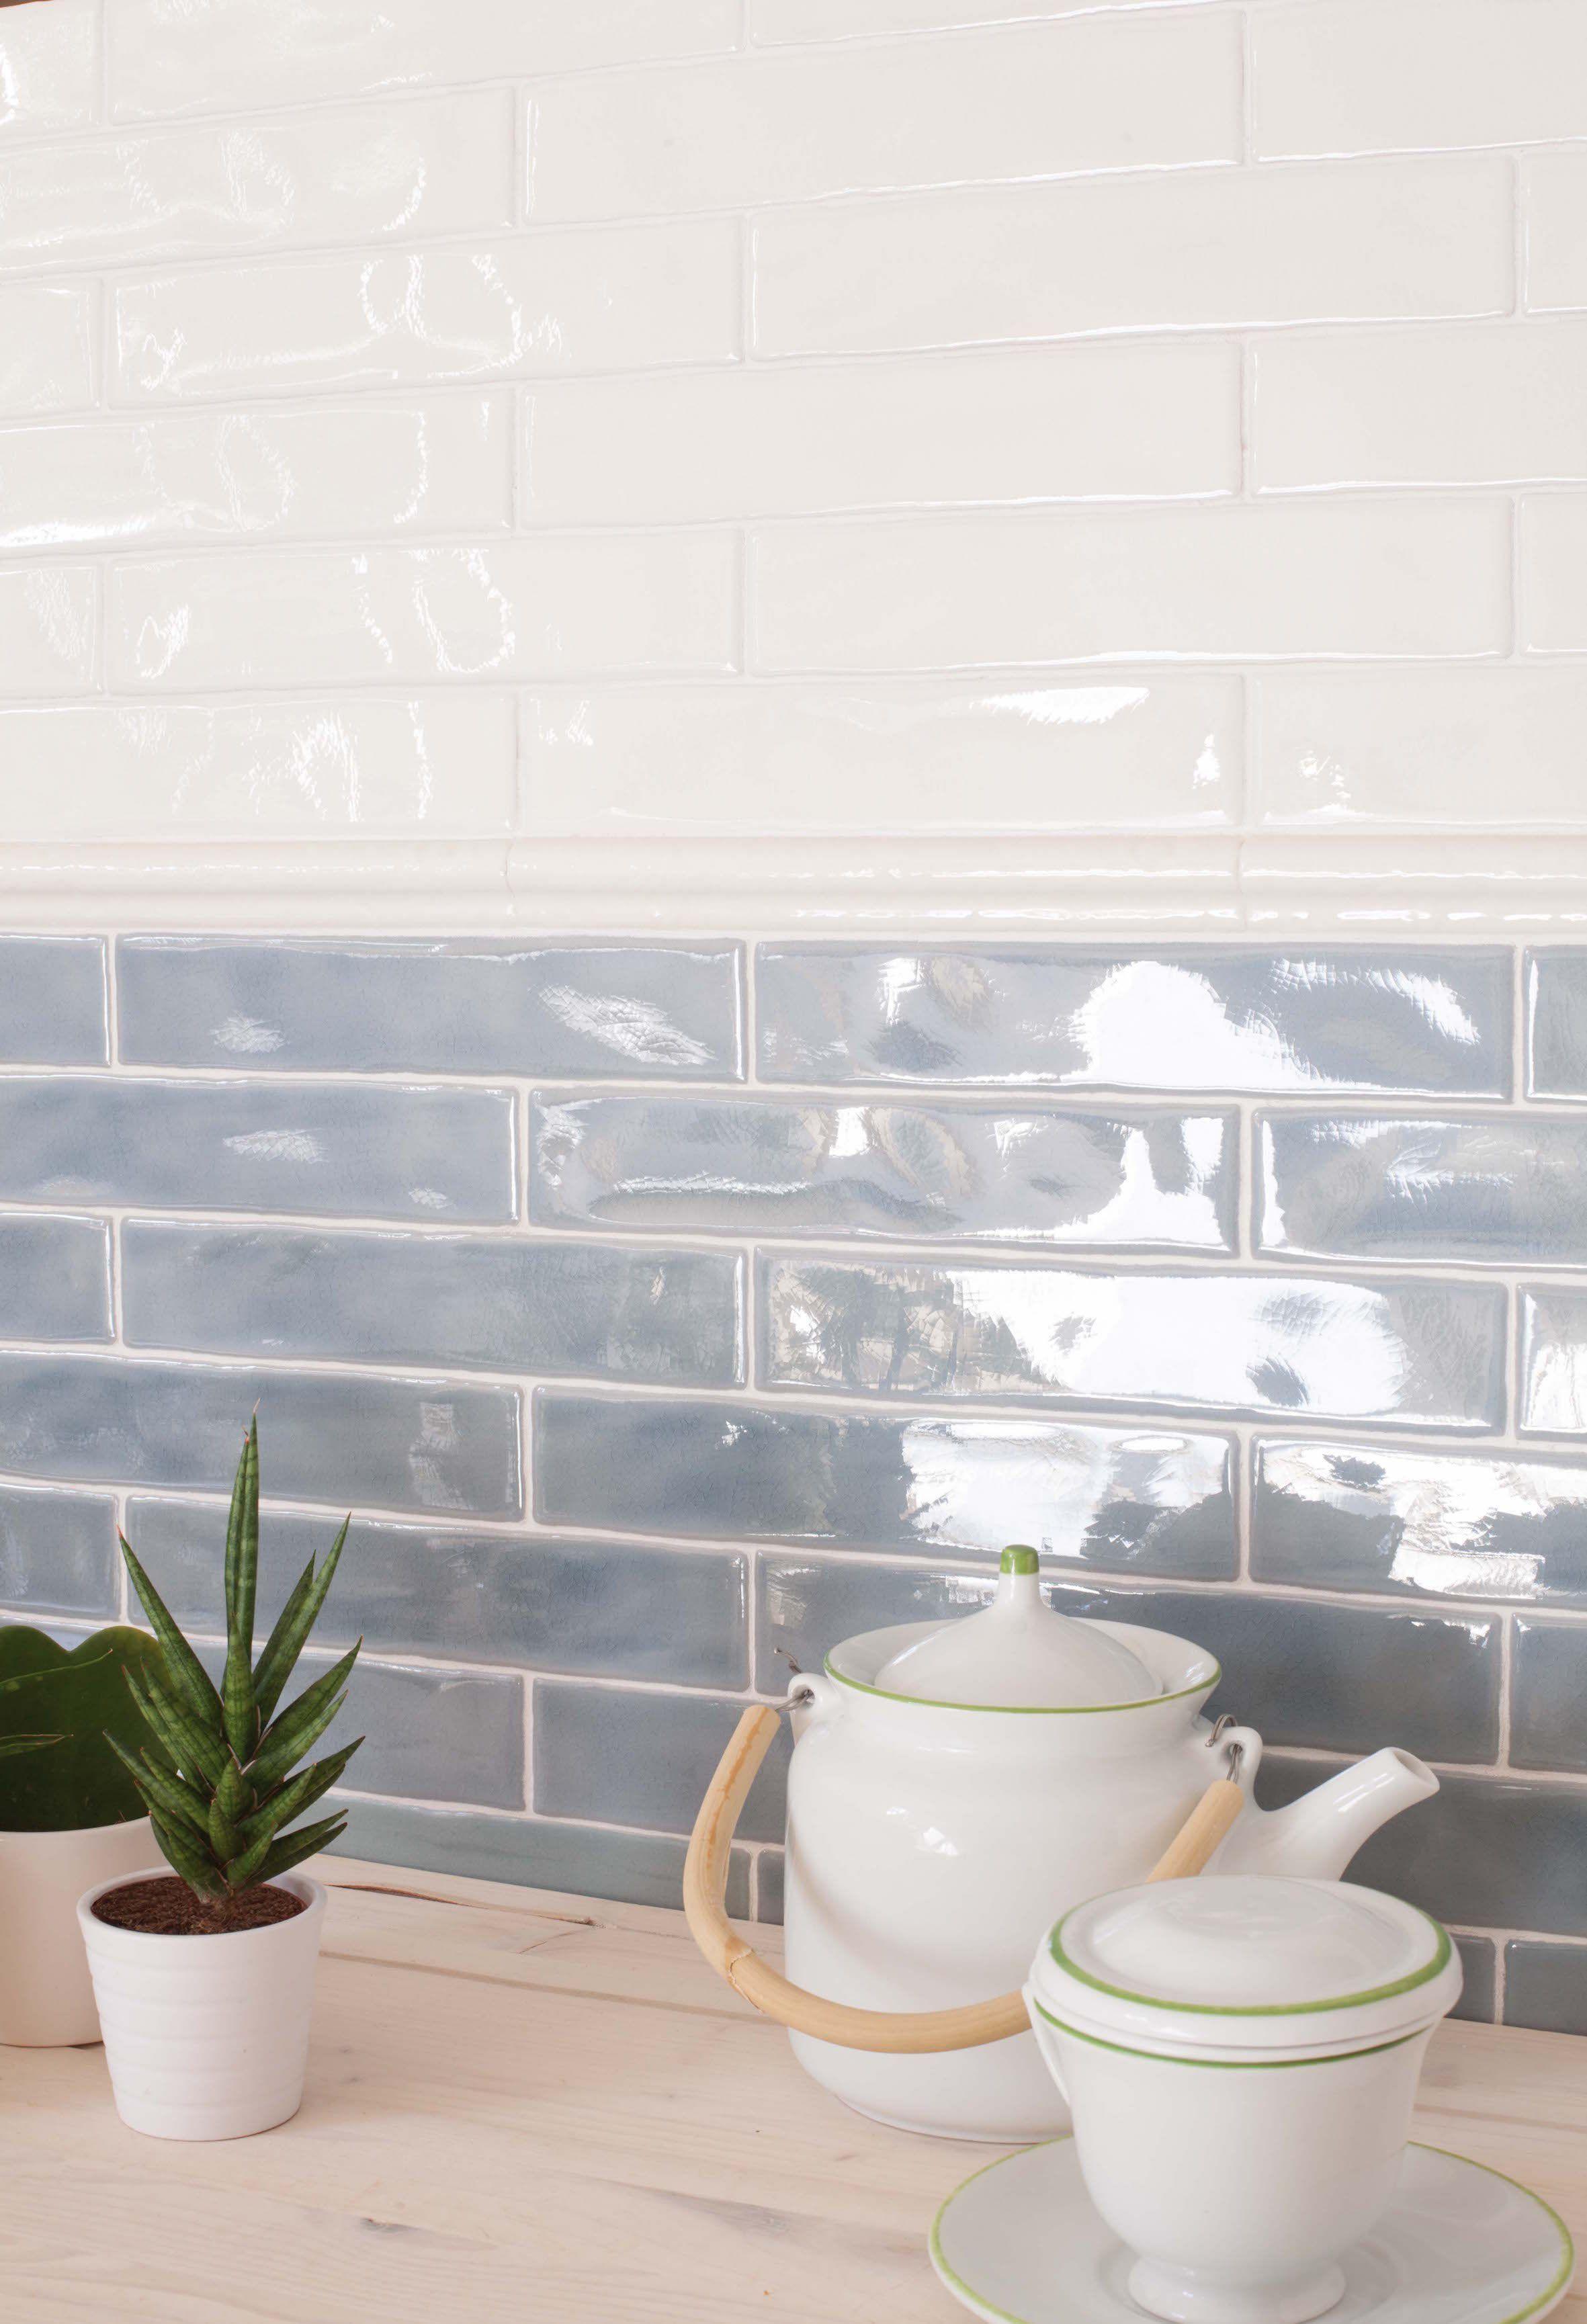 Little Tile Company Antique Tiles Crackle Glaze Tiles Brick Tile Kitchen Wall Tiles Design Wall Tiles Design Kitchen Backsplash Designs